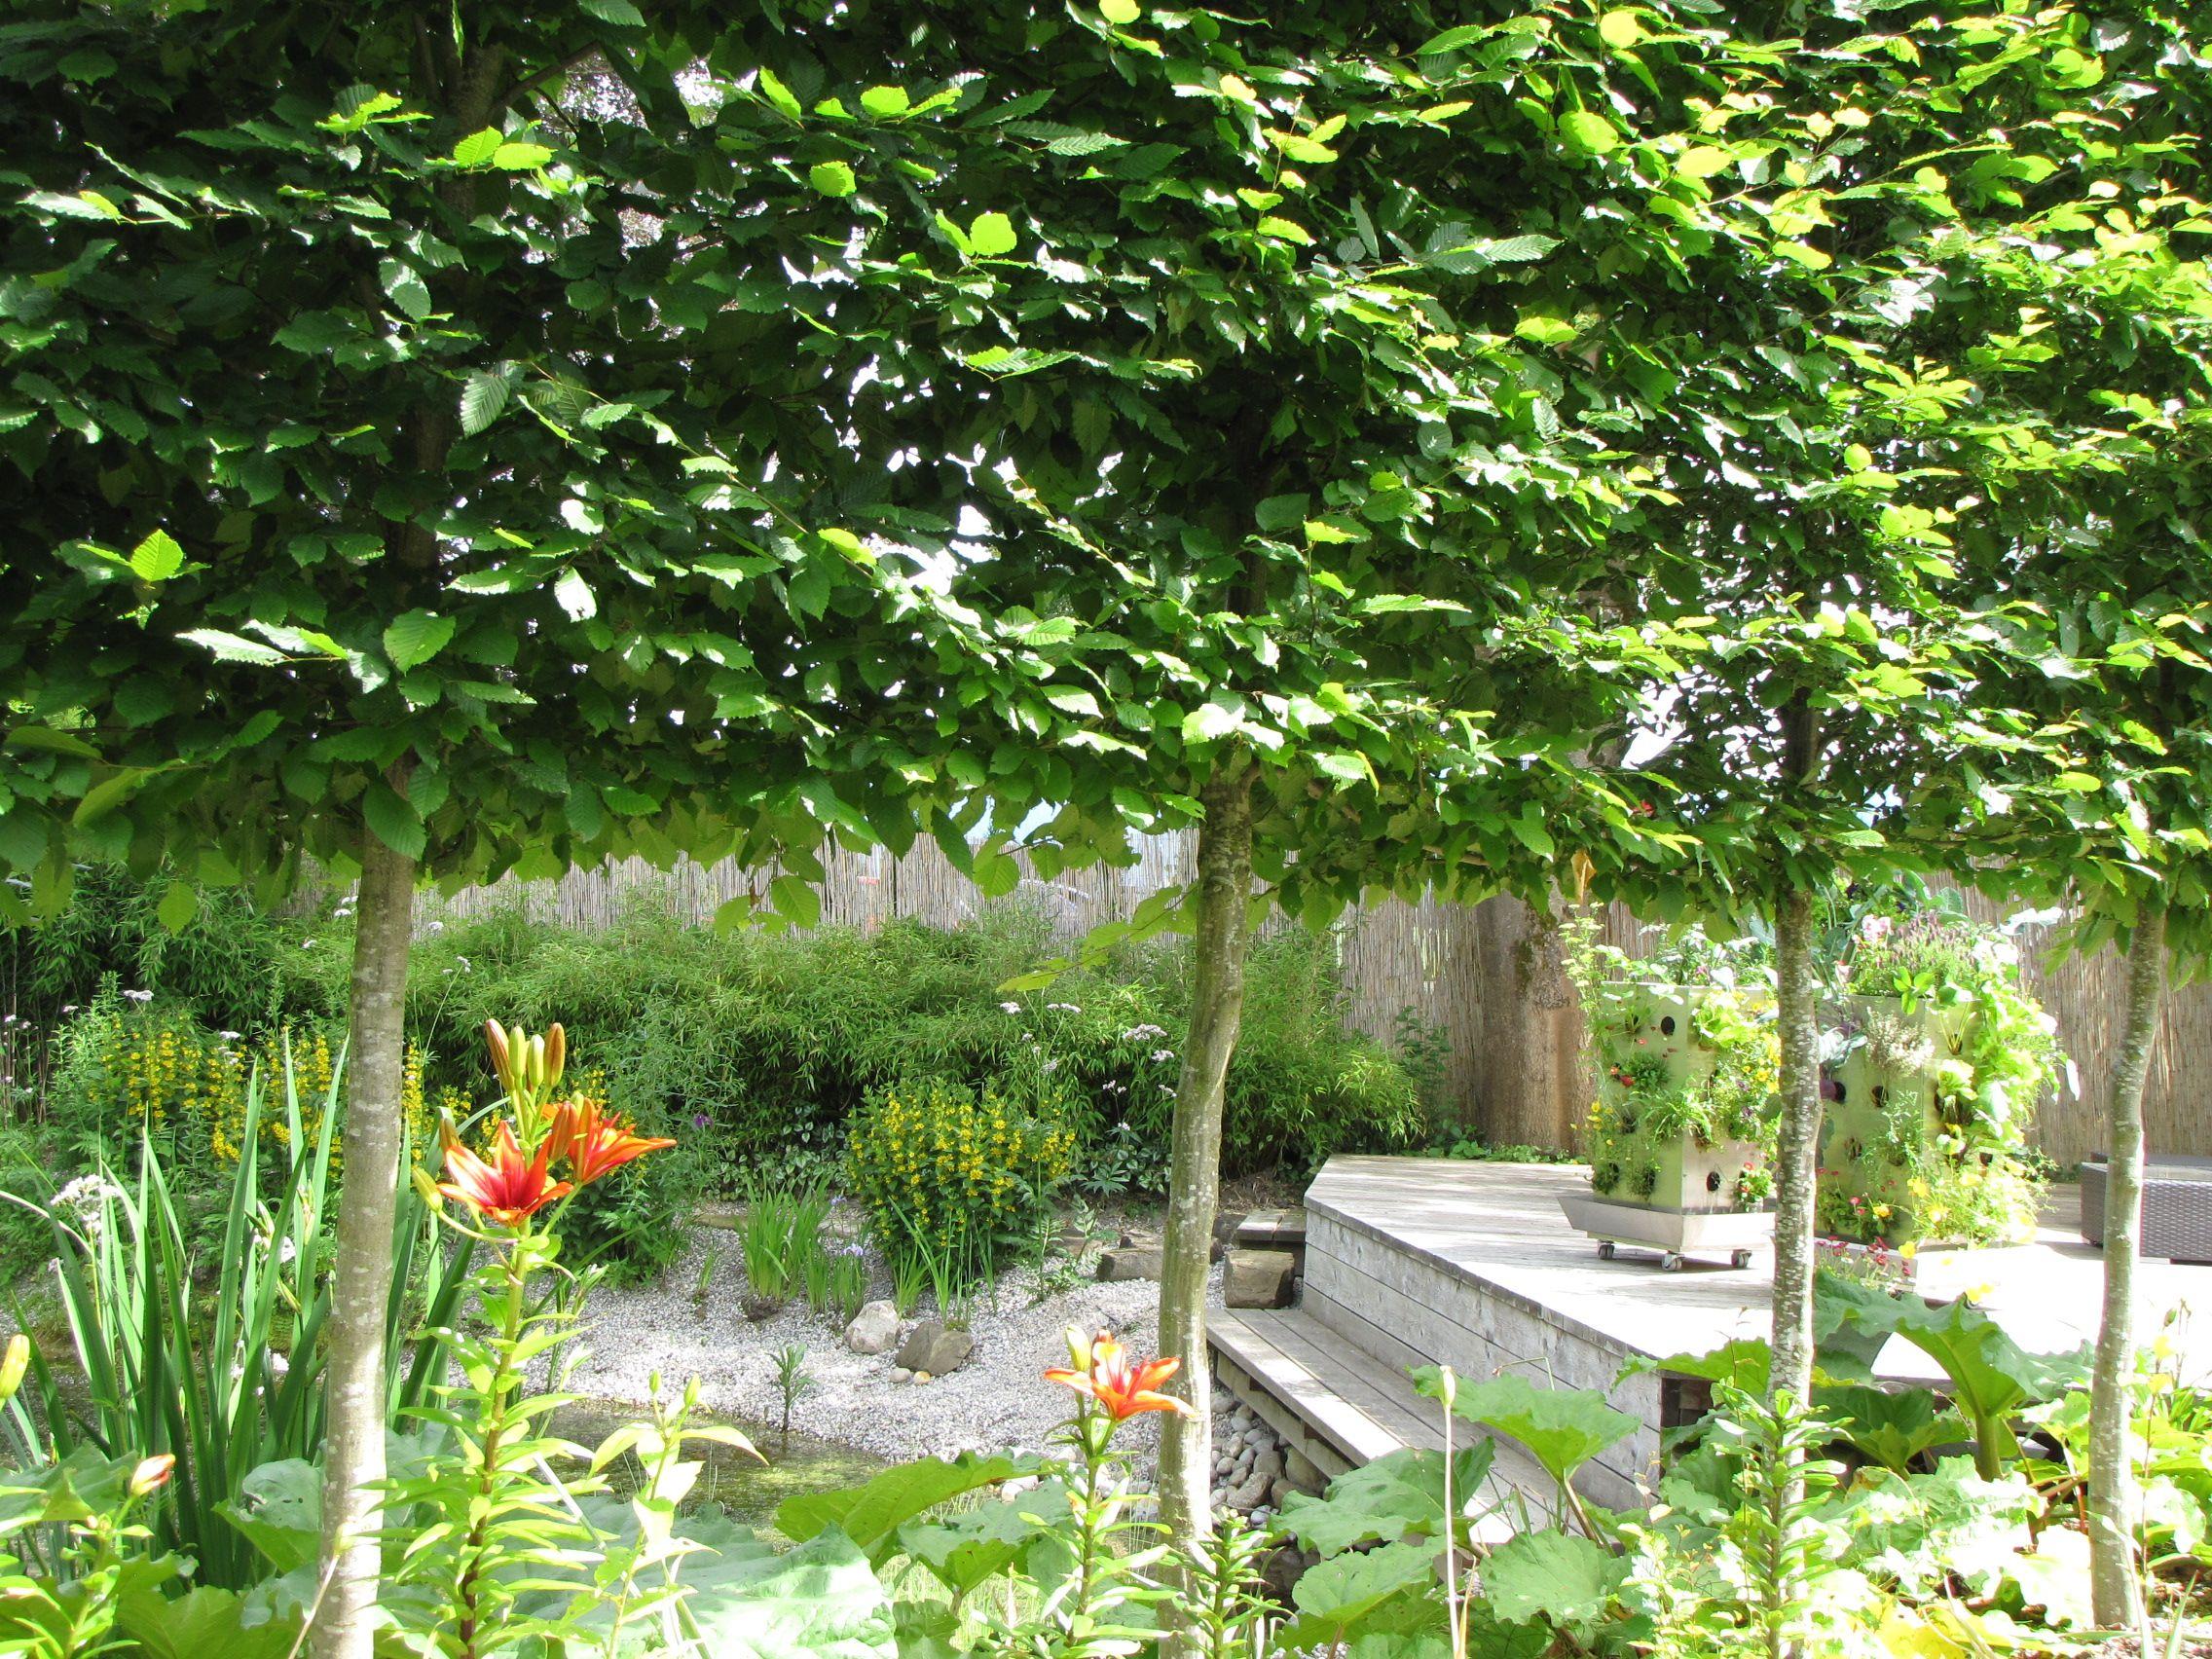 Hochstamm Hecke Am Teich Mit Hainbuche Im Hintergrund Zwei Kubi Auf Der Terassee Paradiesgarten Maag Im Allgau Design Garten Garten Hochstammchen Hainbuche